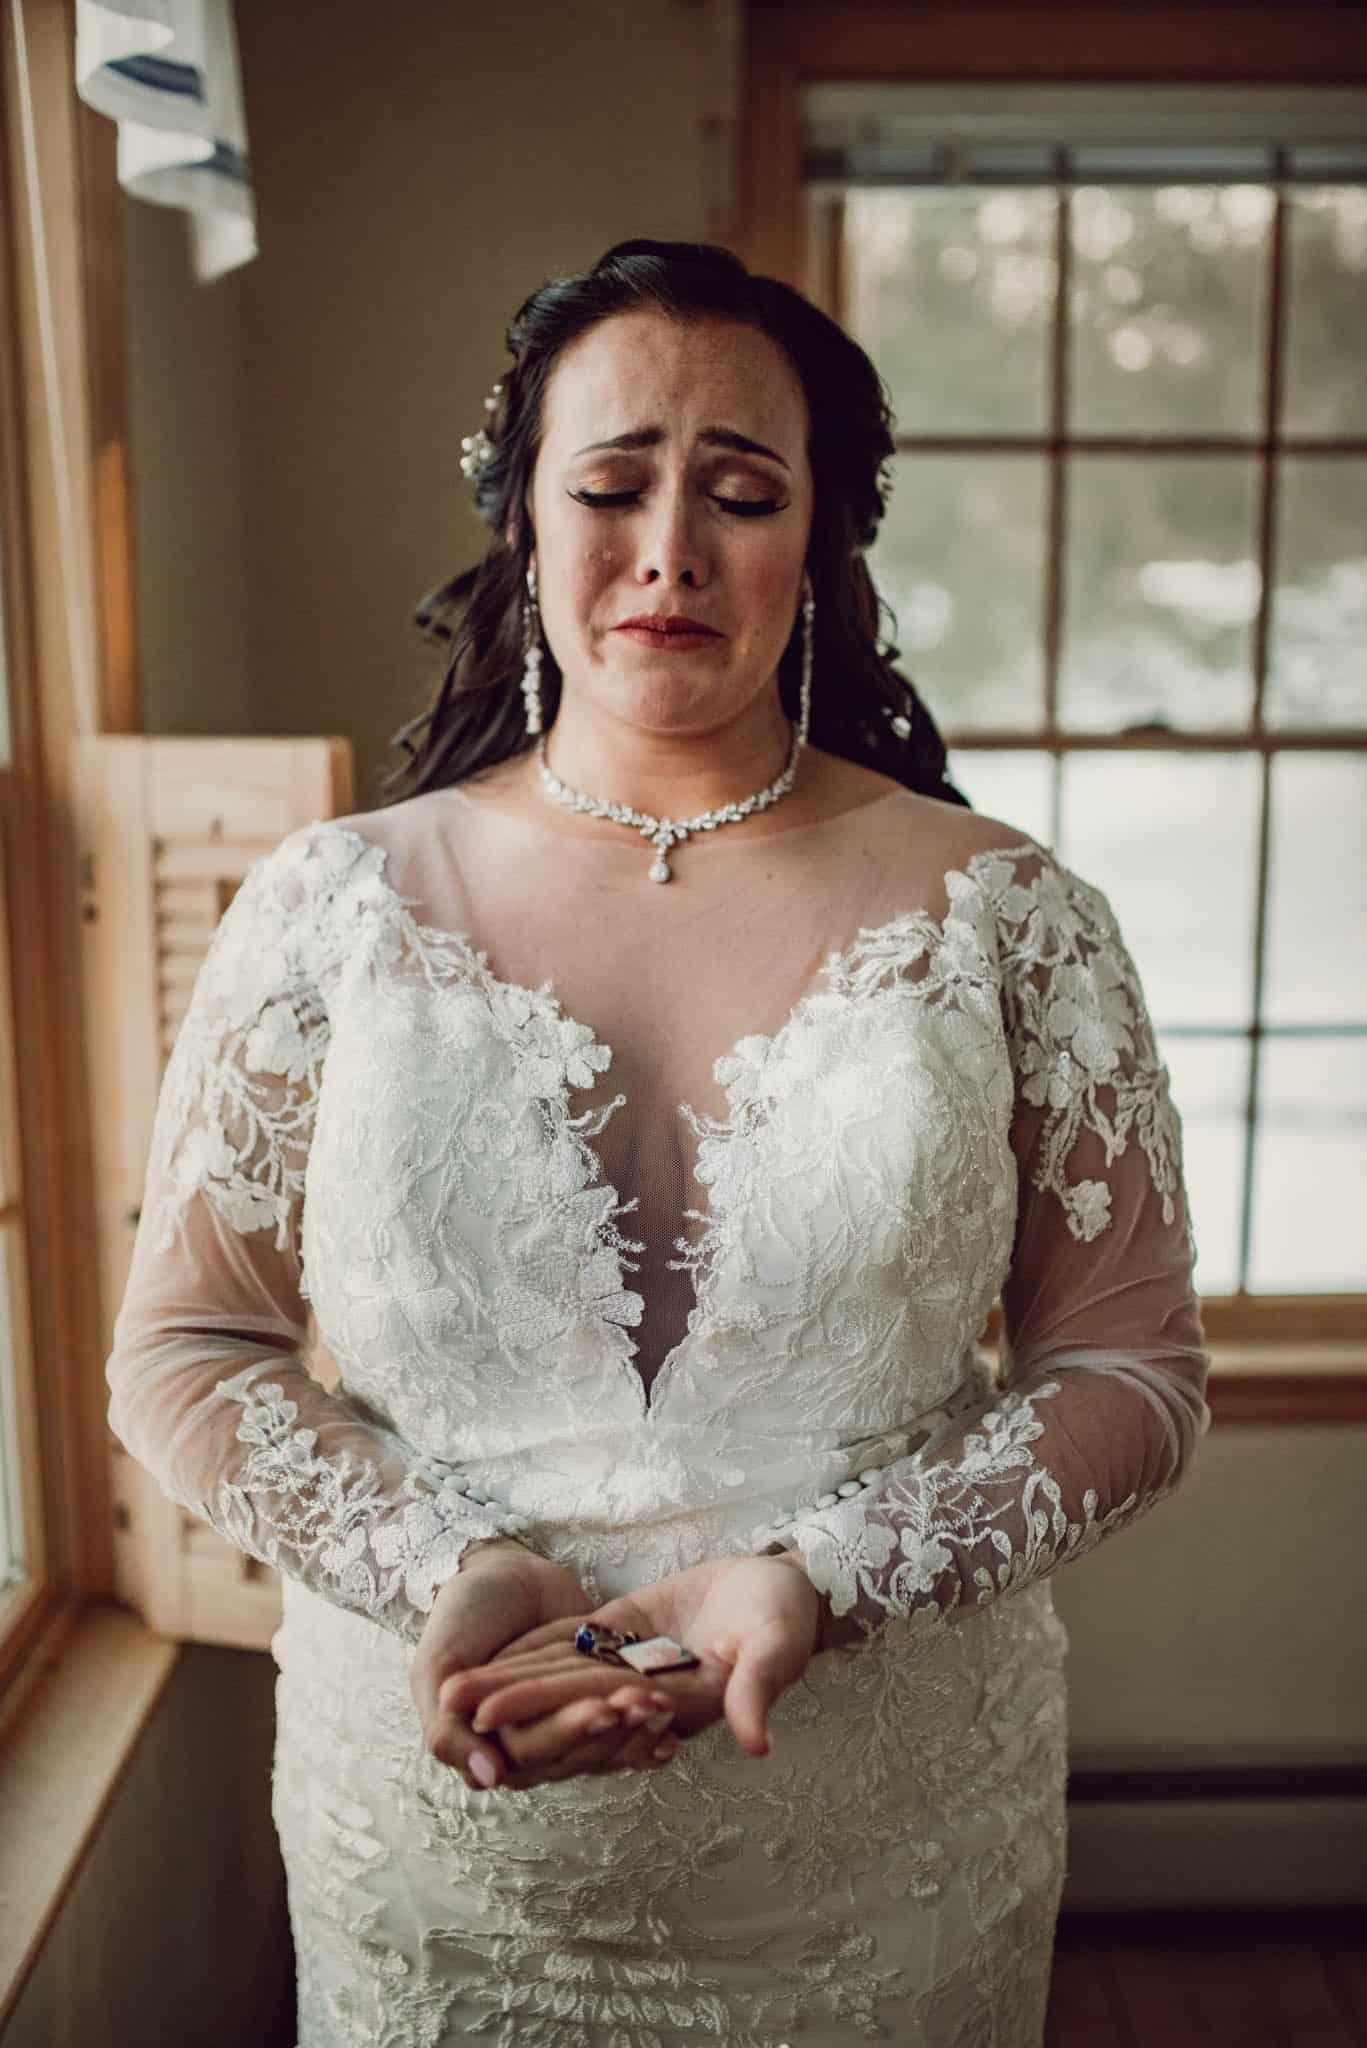 The 41 Most Unique Bride & Groom Portrait Images Of 2019